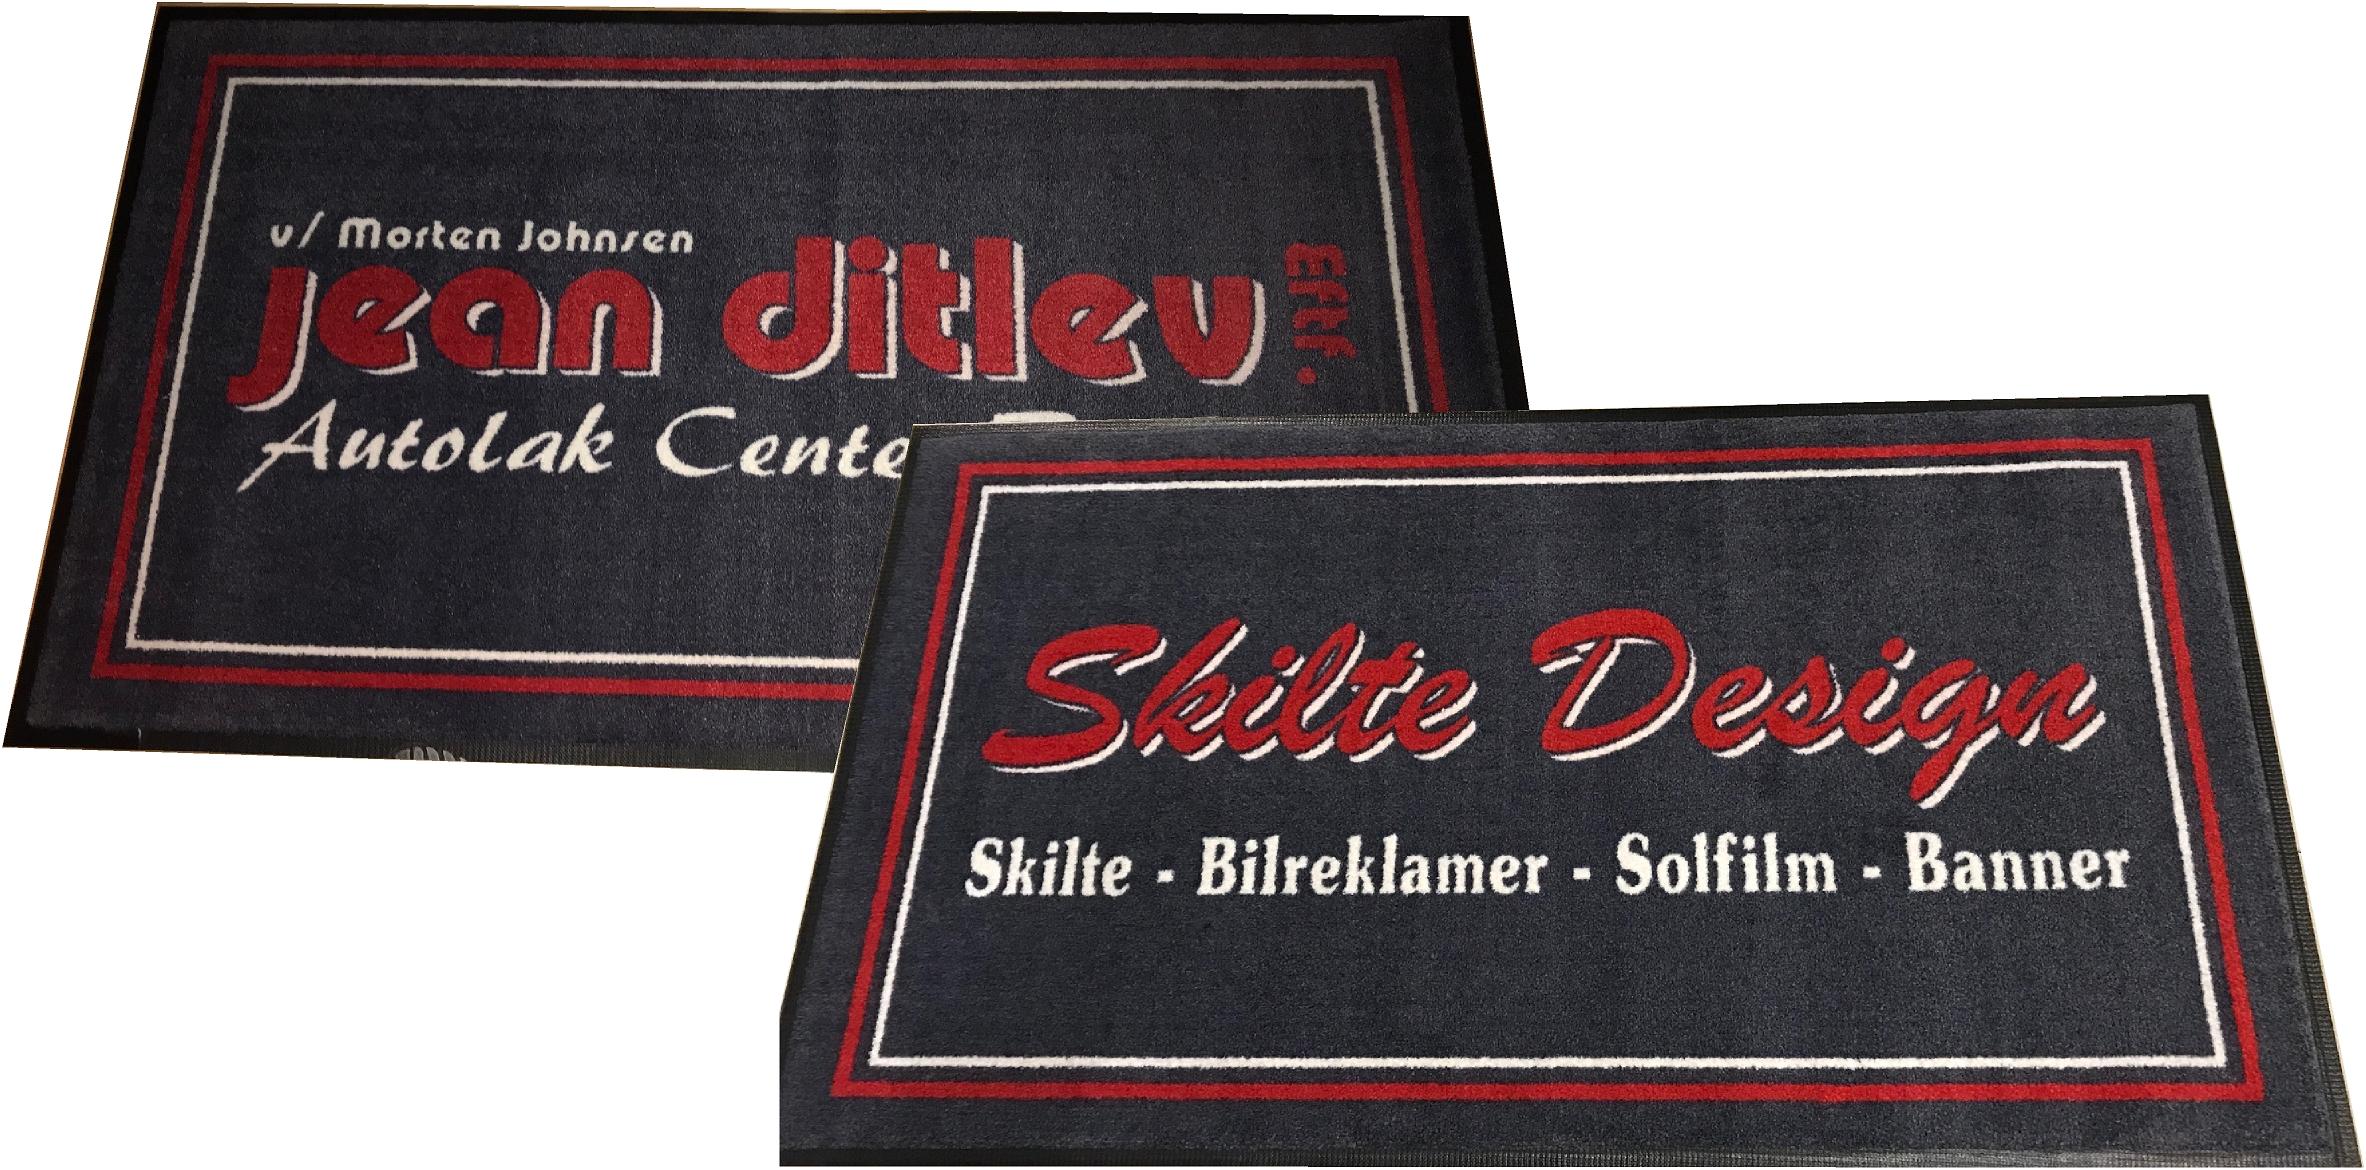 Skridesikre kvalitets dørmåtte med logo | Gulvmåtte | Reklamemåtte | Logomåtte | vi køre i Randers, Aarhus, Djursland, Midtjylland, Østjylland & Nordjylland